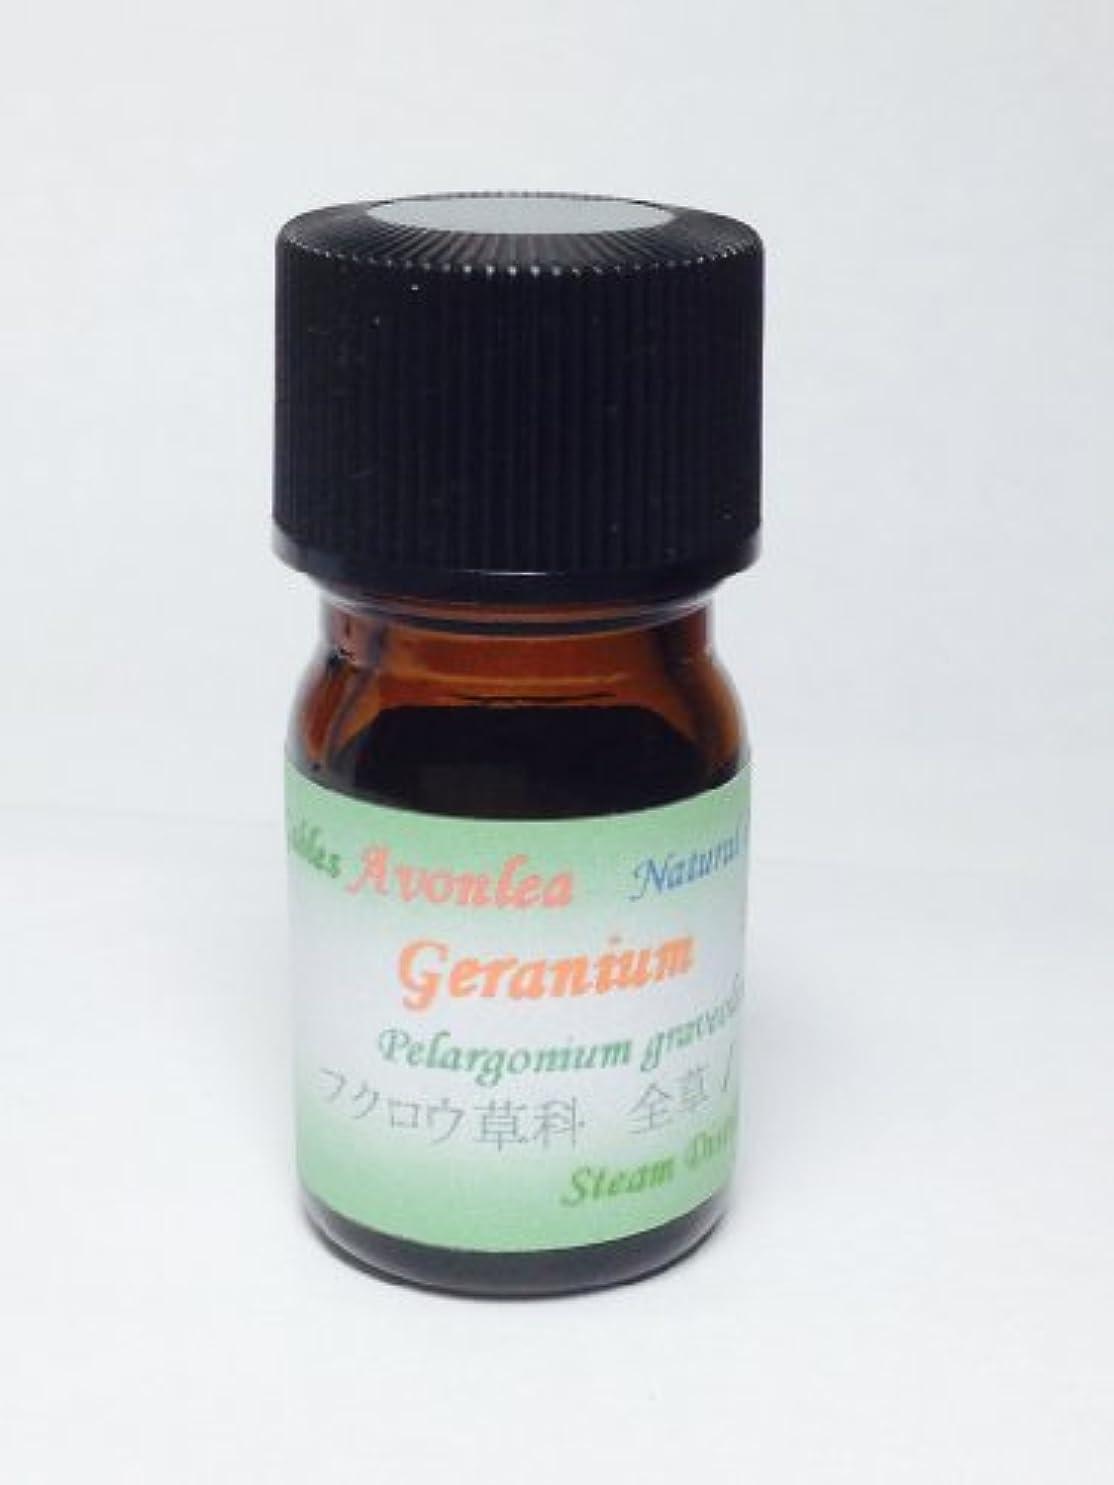 平らな保証ジョリーゼラニウム 5ml 100% ピュア エッセンシャルオイル 天然精油